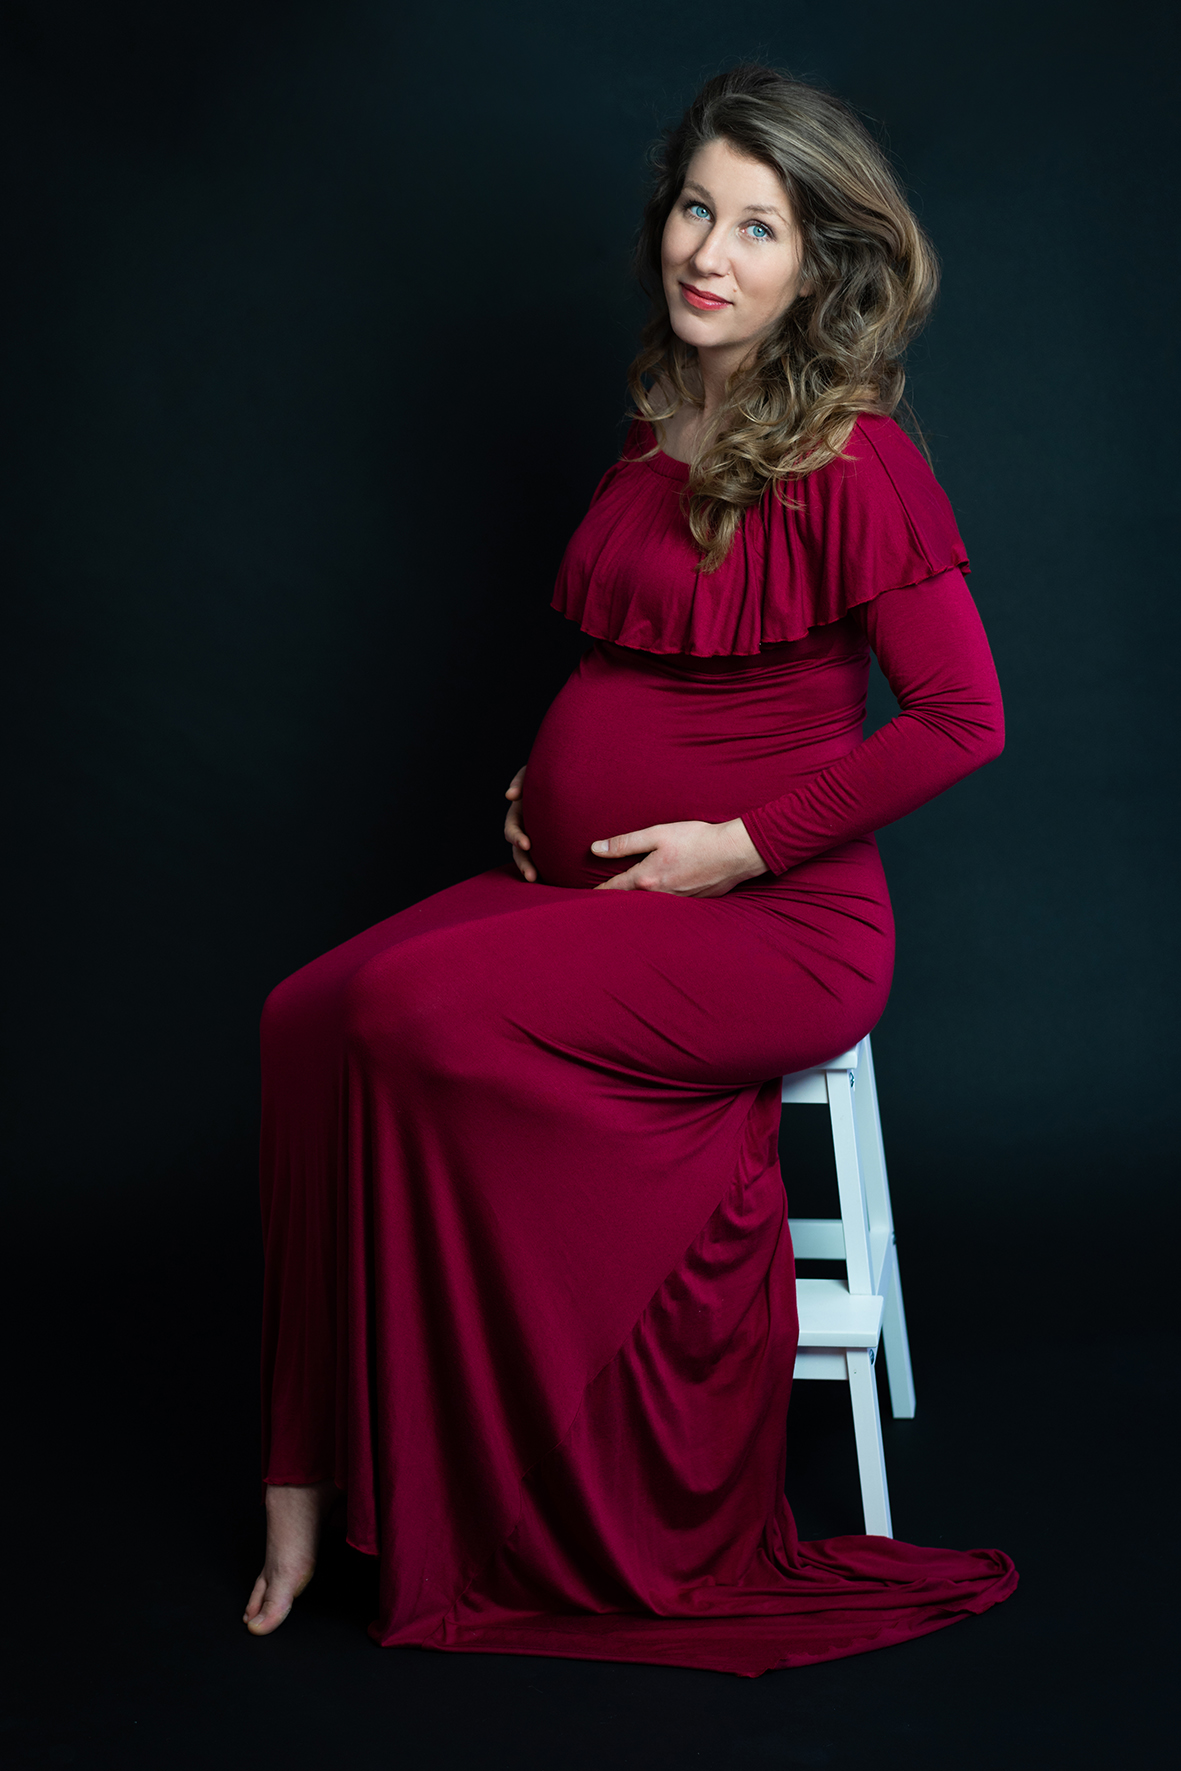 Exklusives Babybauchshooting Schwangerschaftsfotos mit rotem Kleid im Studio Bremen